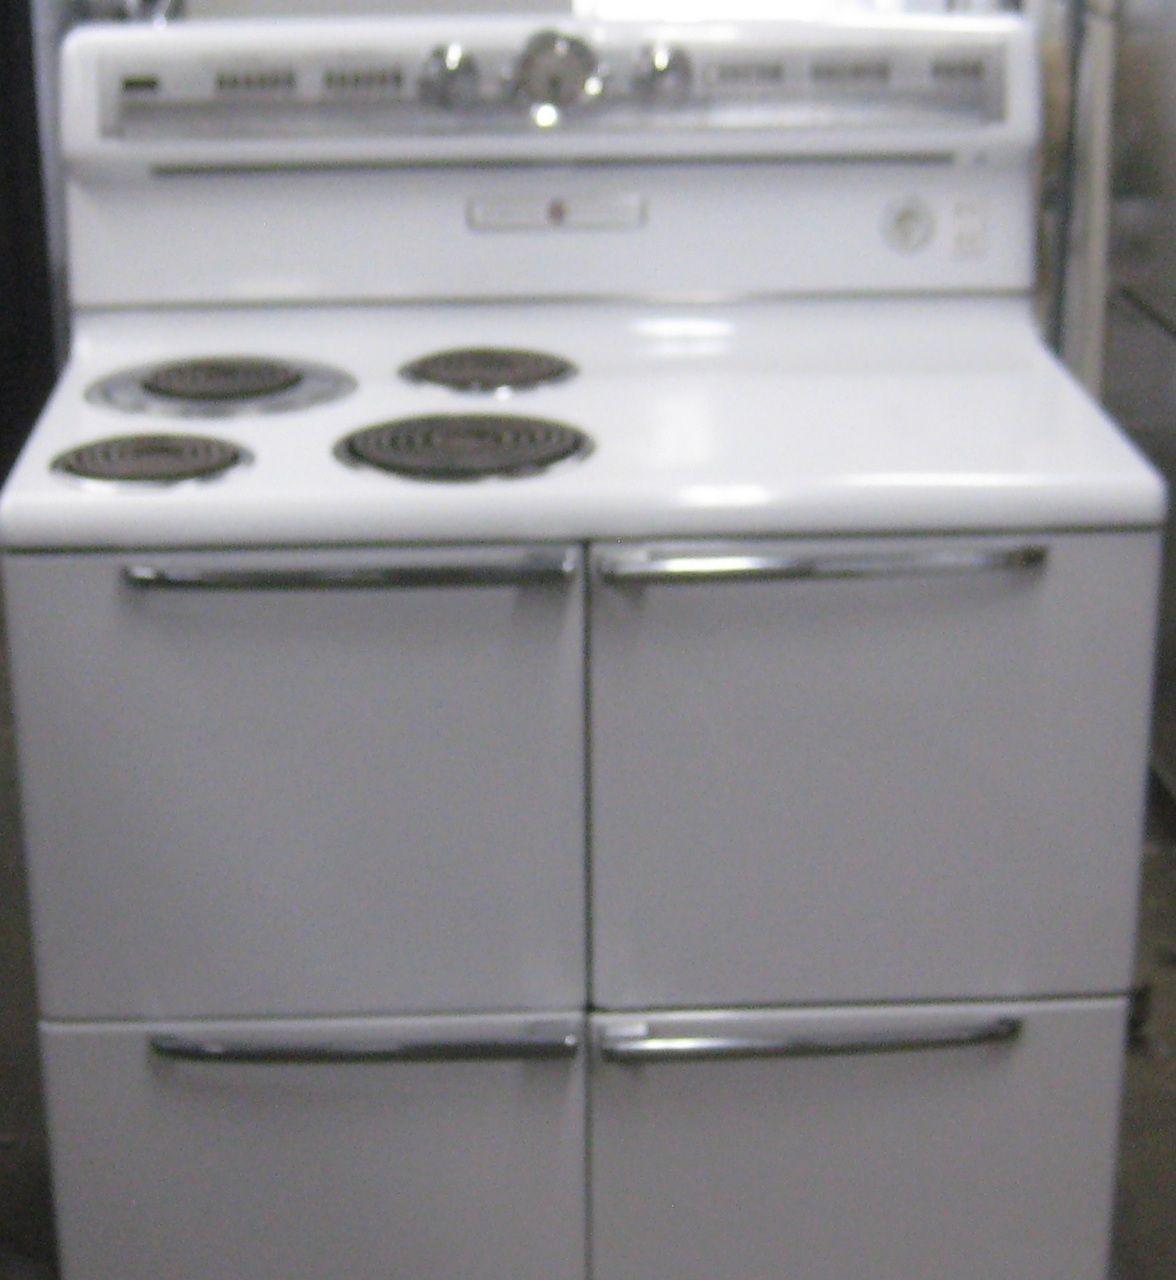 Appliance City - GE ANTIQUE VINTAGE 40